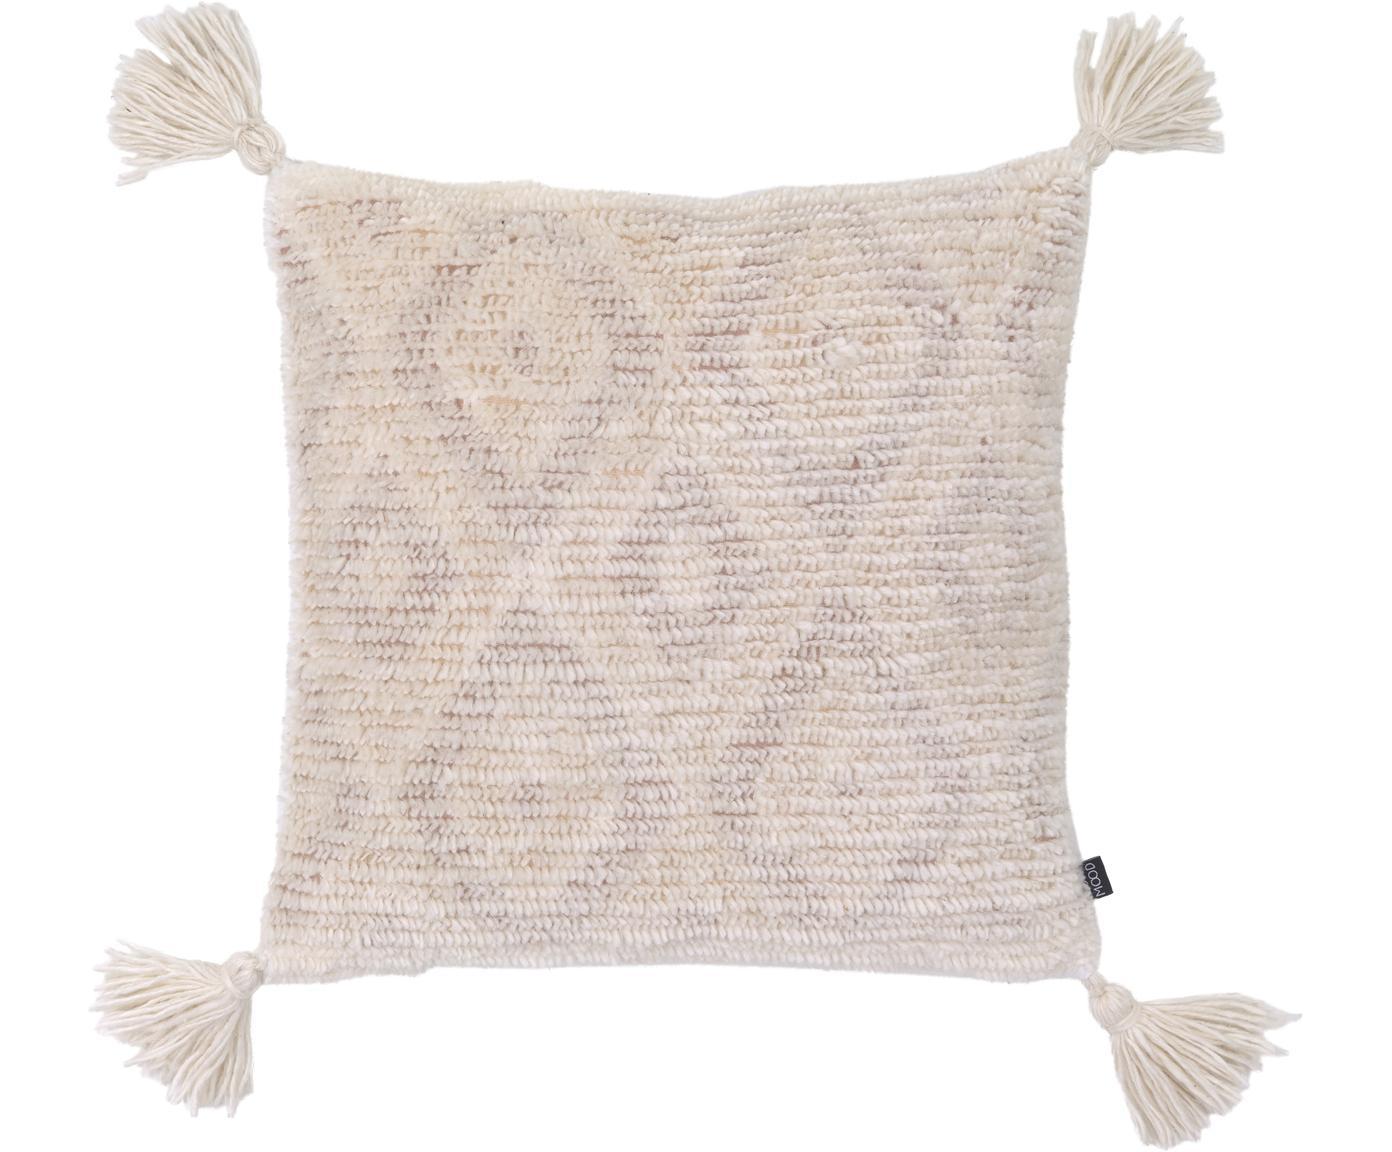 Poszewka na poduszkę z chwostami Zoya, 70% bawełna, 30% poliester, Kremowobiały, beżowy, S 45 x D 45 cm